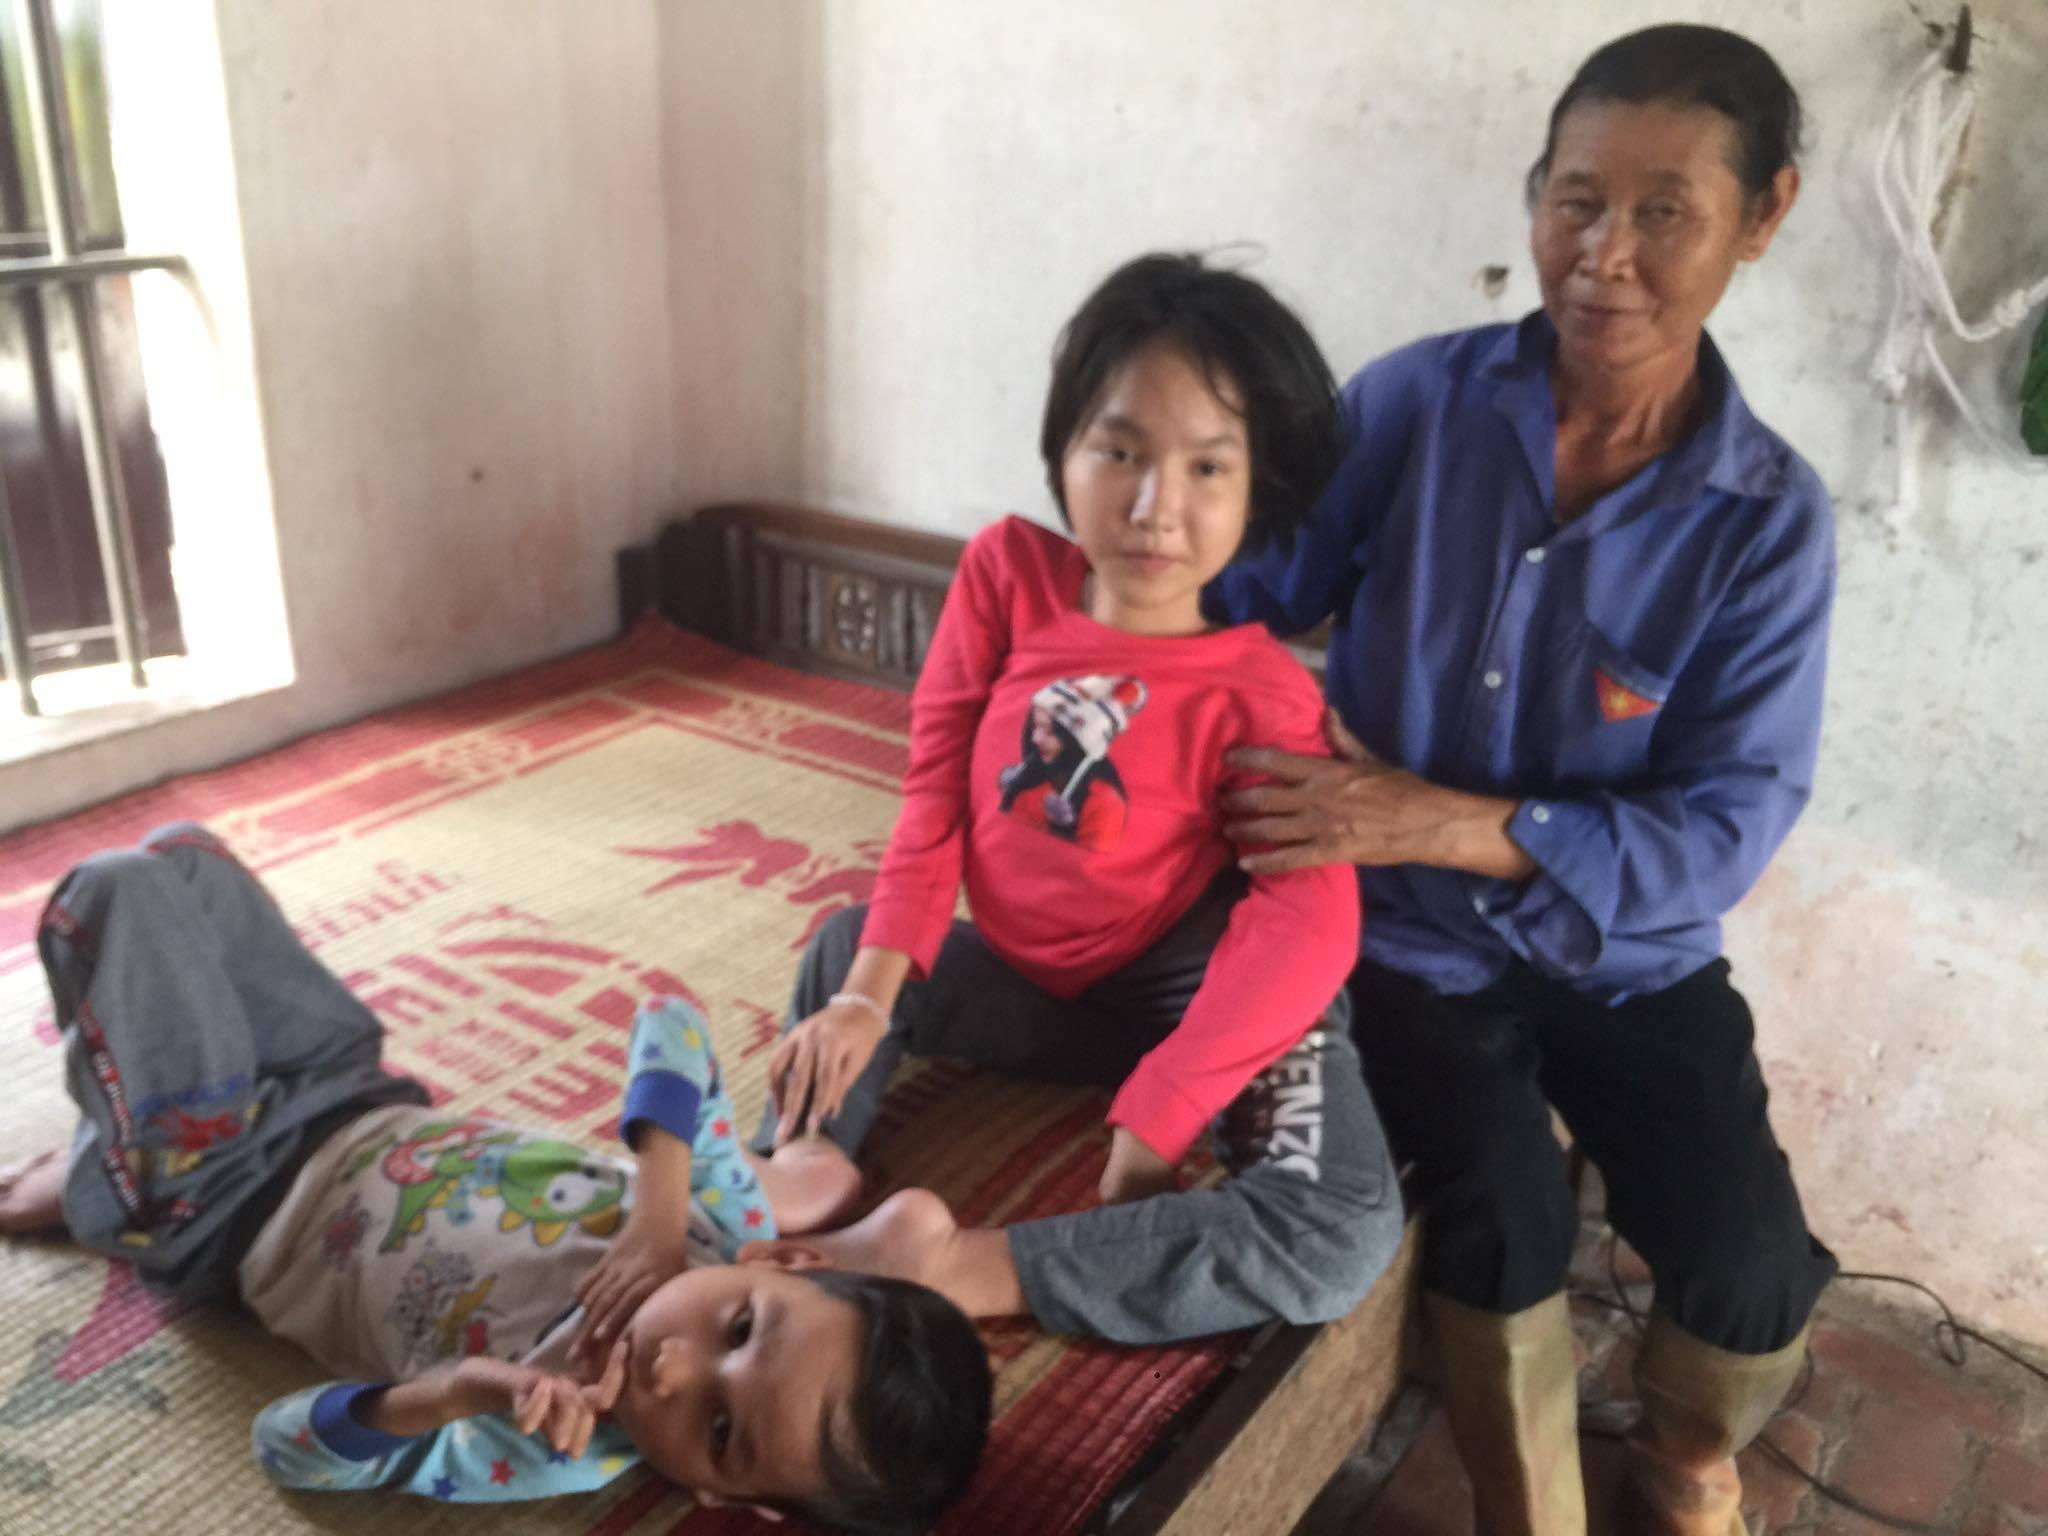 Gia cảnh đáng thương của hai chị em mắc bệnh 'vô phương cứu chữa'